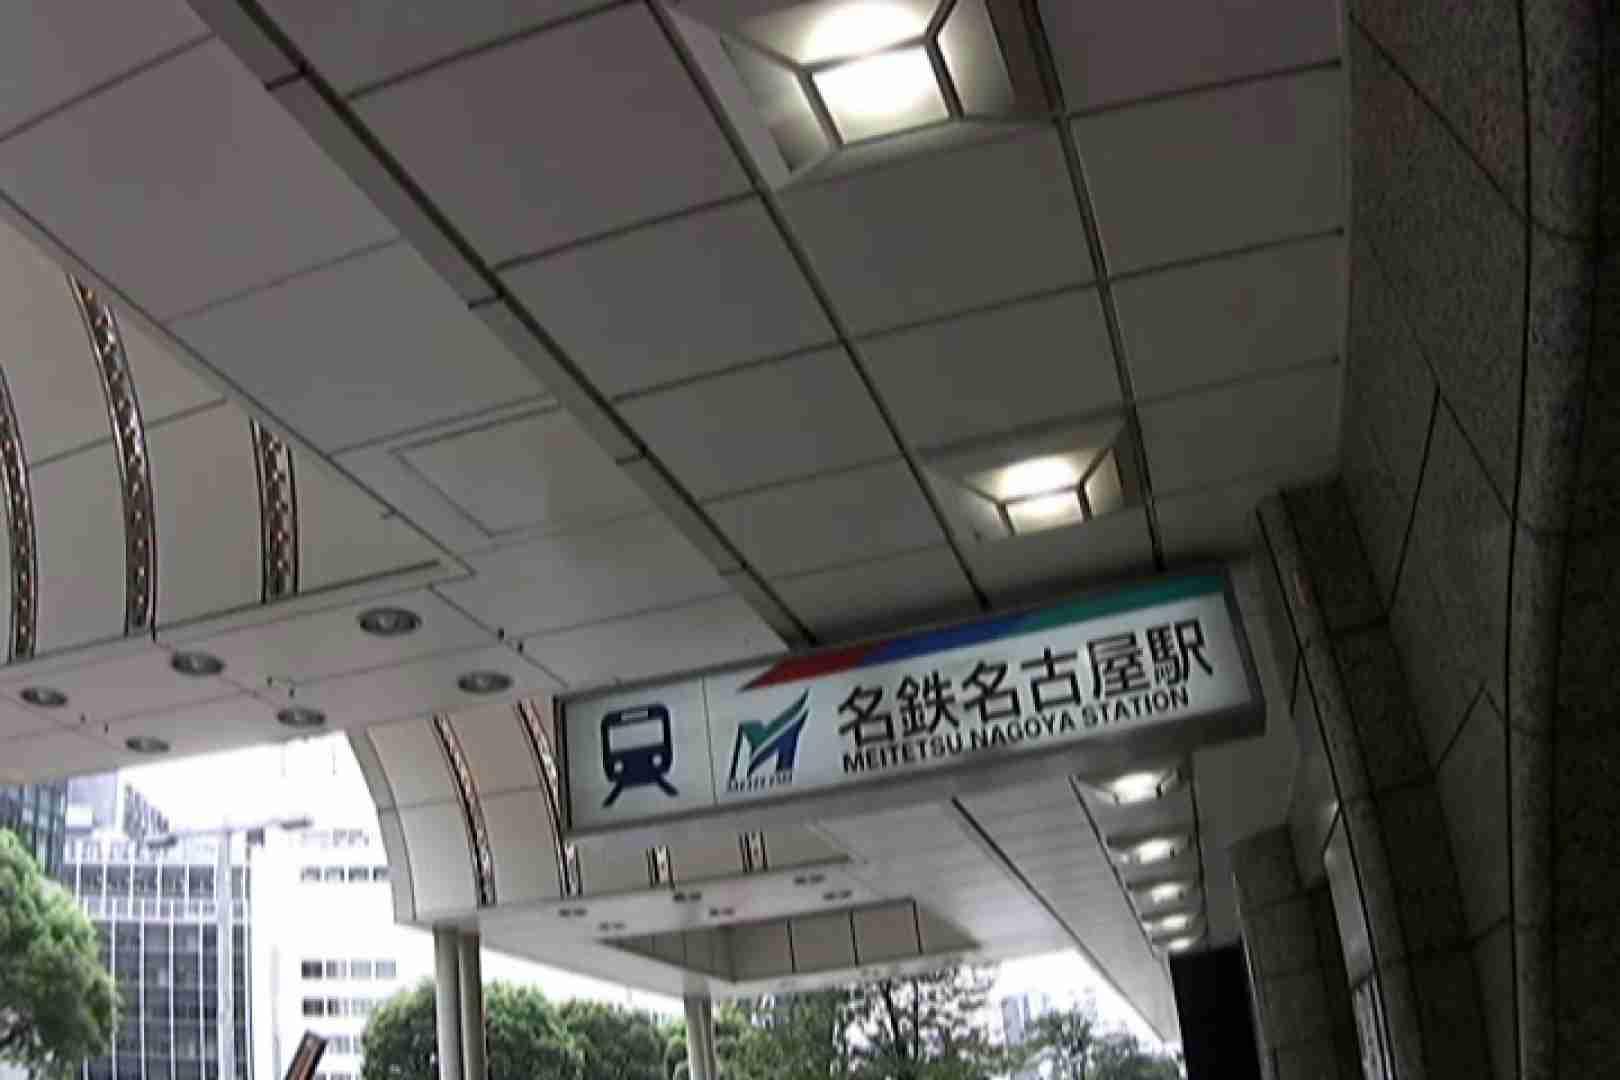 ハイビジョンパンチラ オッテQさんの追跡パンチラ制服女子編Vol.05 OLのエッチ ワレメ動画紹介 93pic 9